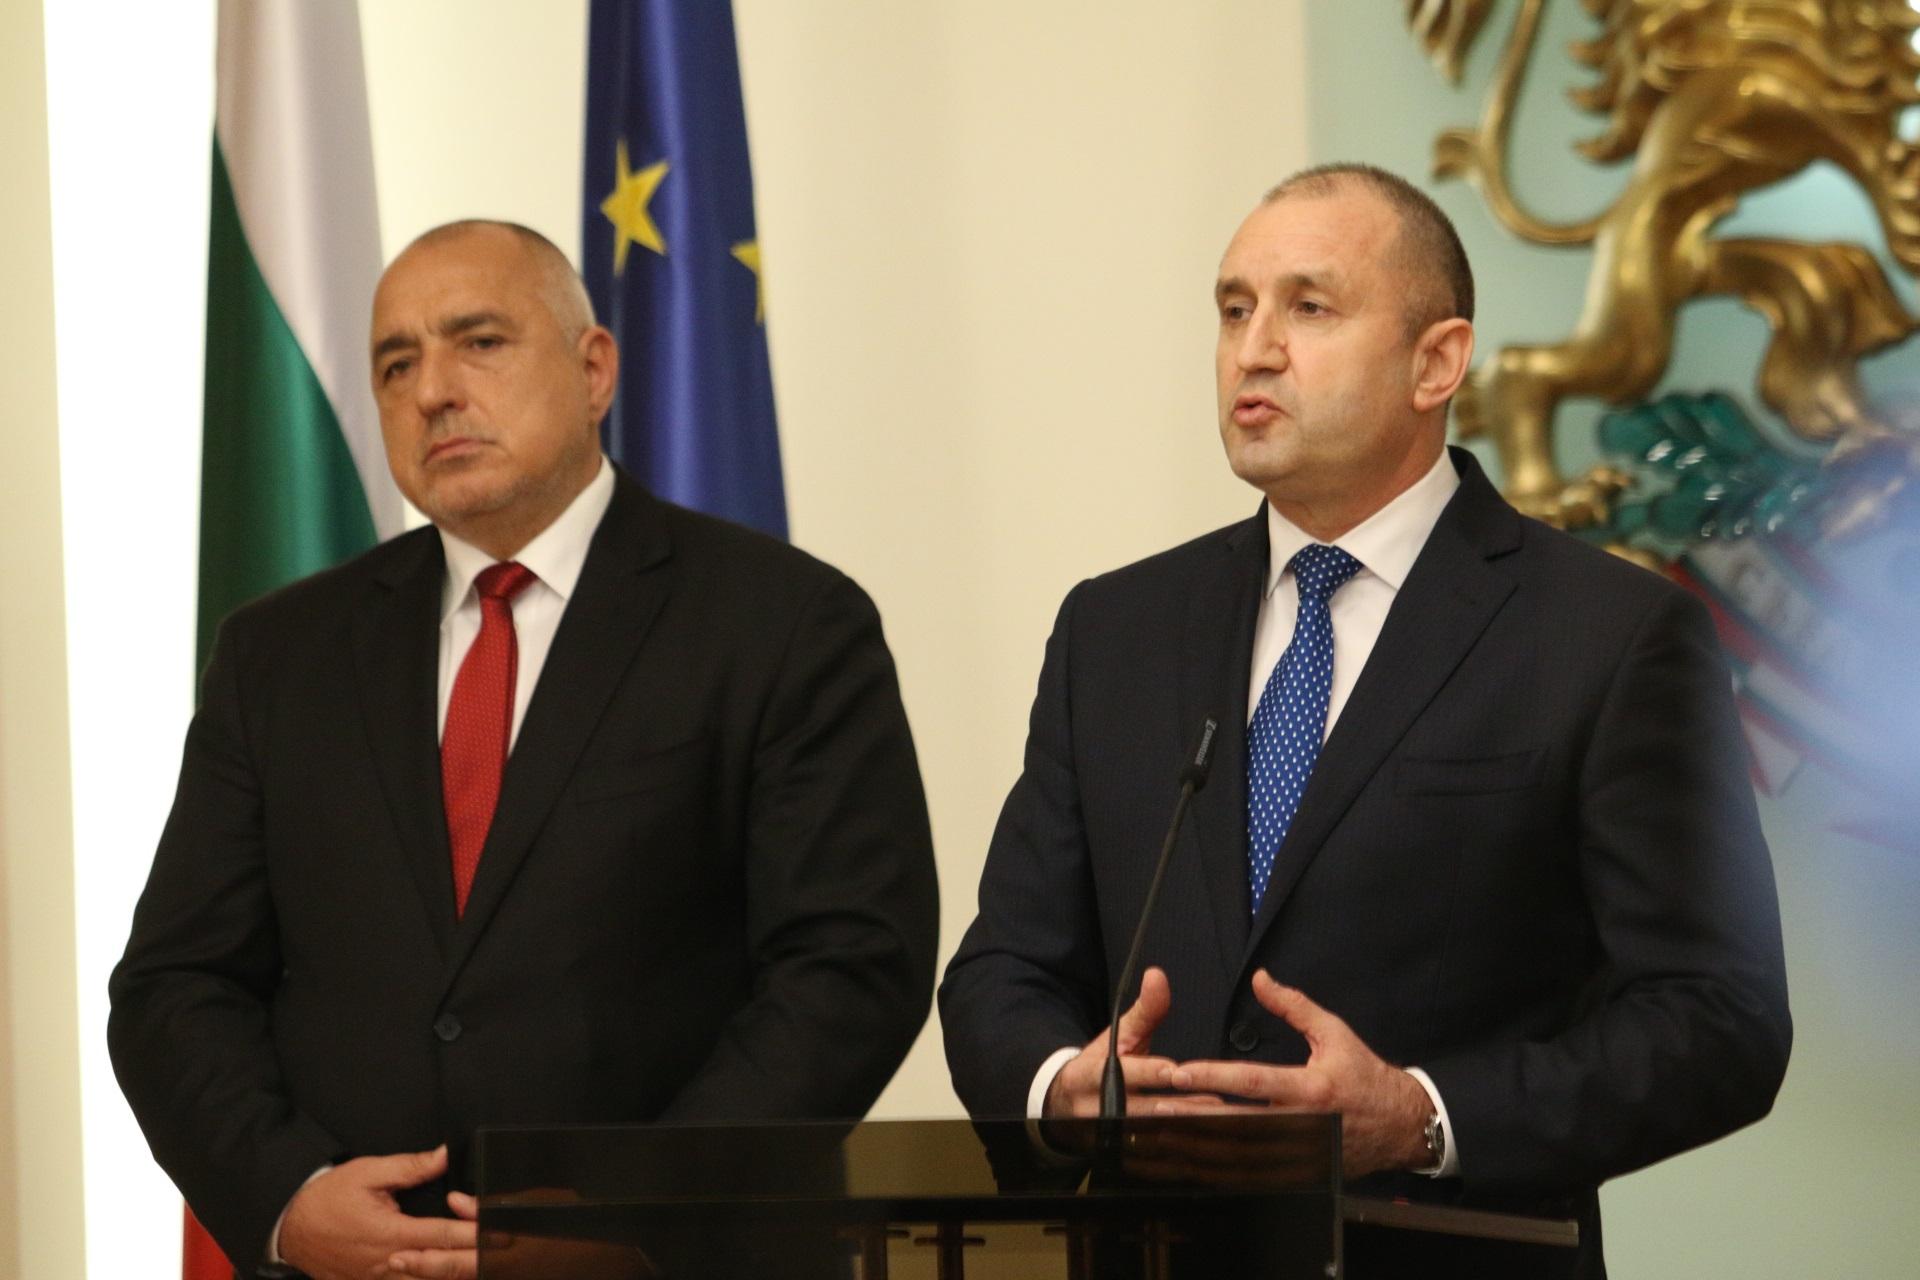 Среща на премиера Бойко Борисов и председателя на Националния оперативен щаб Венцислав Мутафчийски с президента Румен Радев